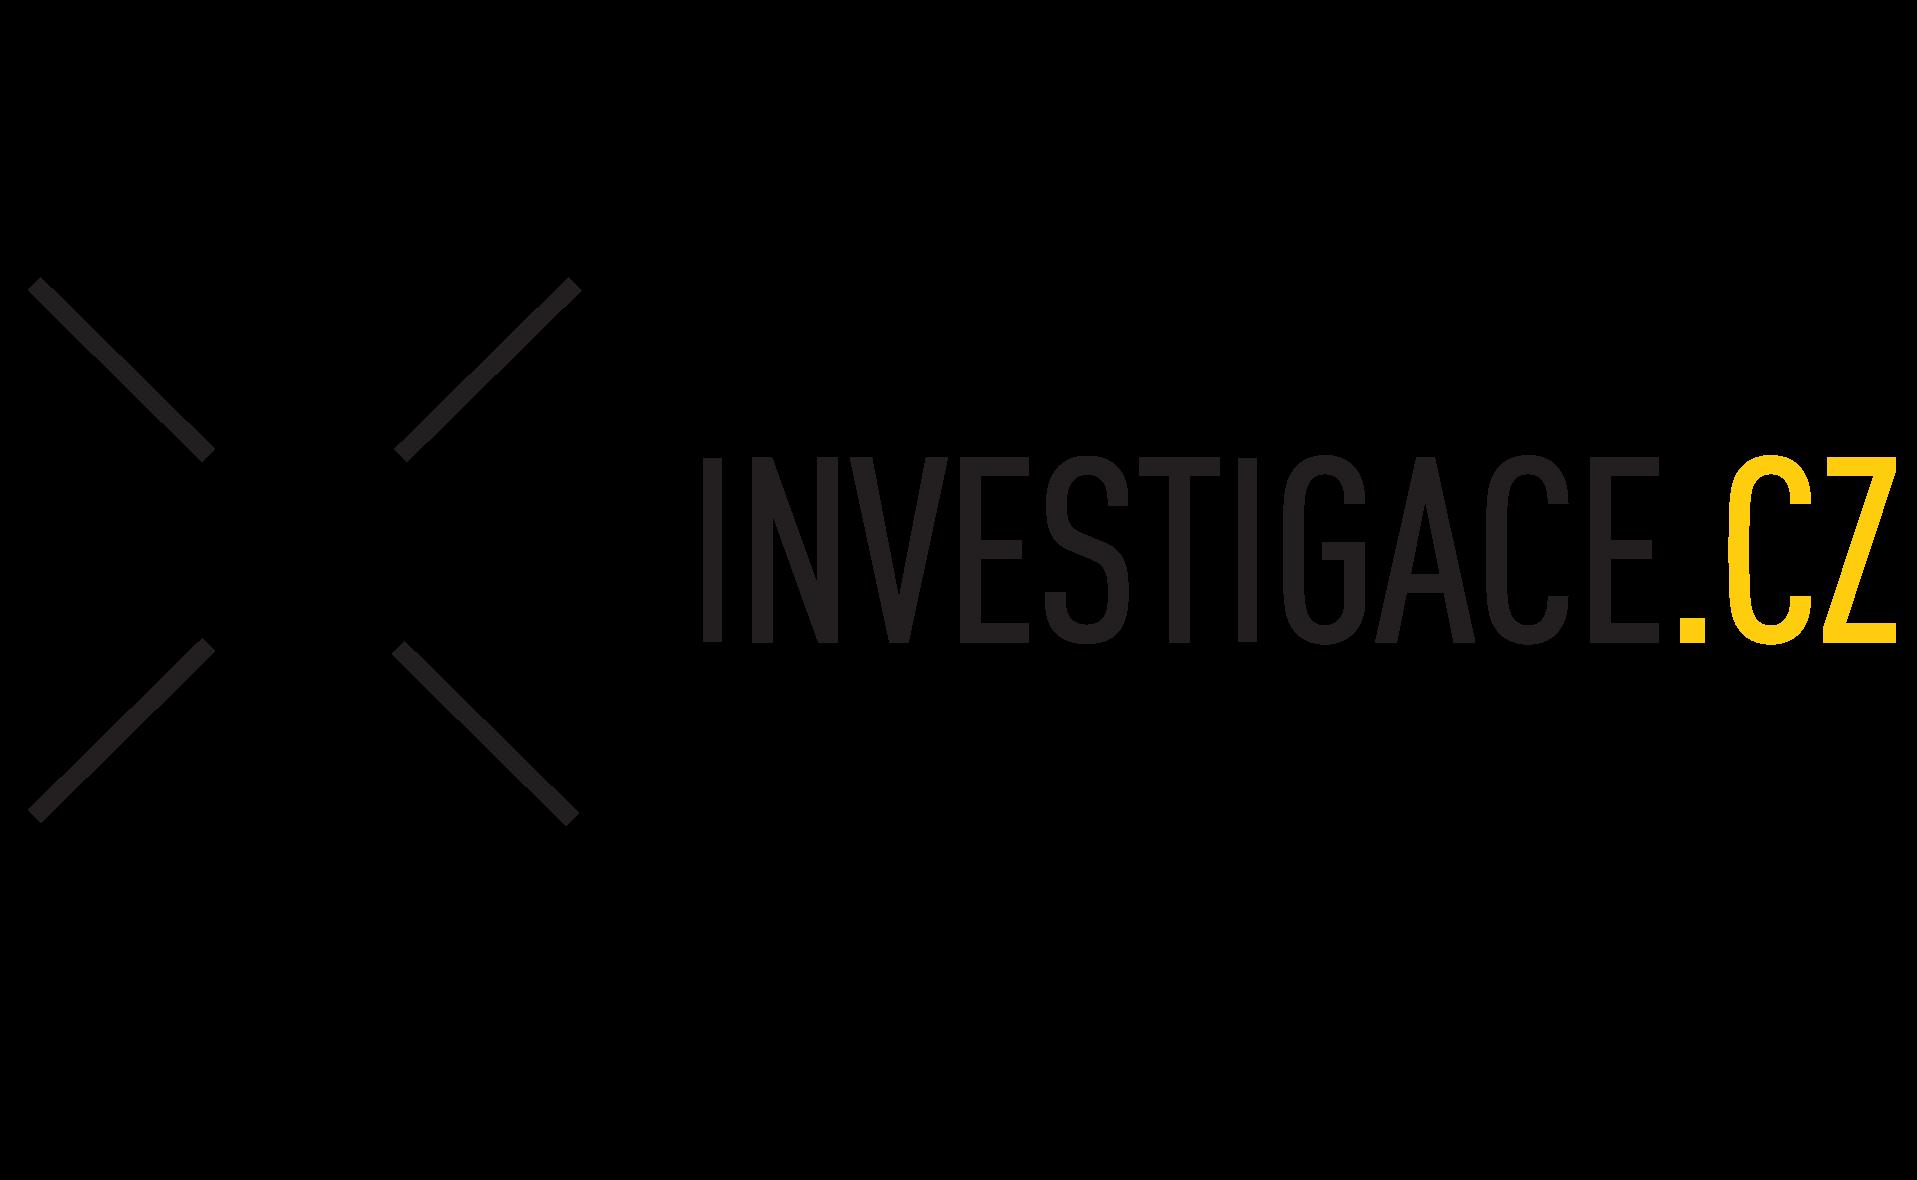 České centrum invetsigativní žurnalistiky logo